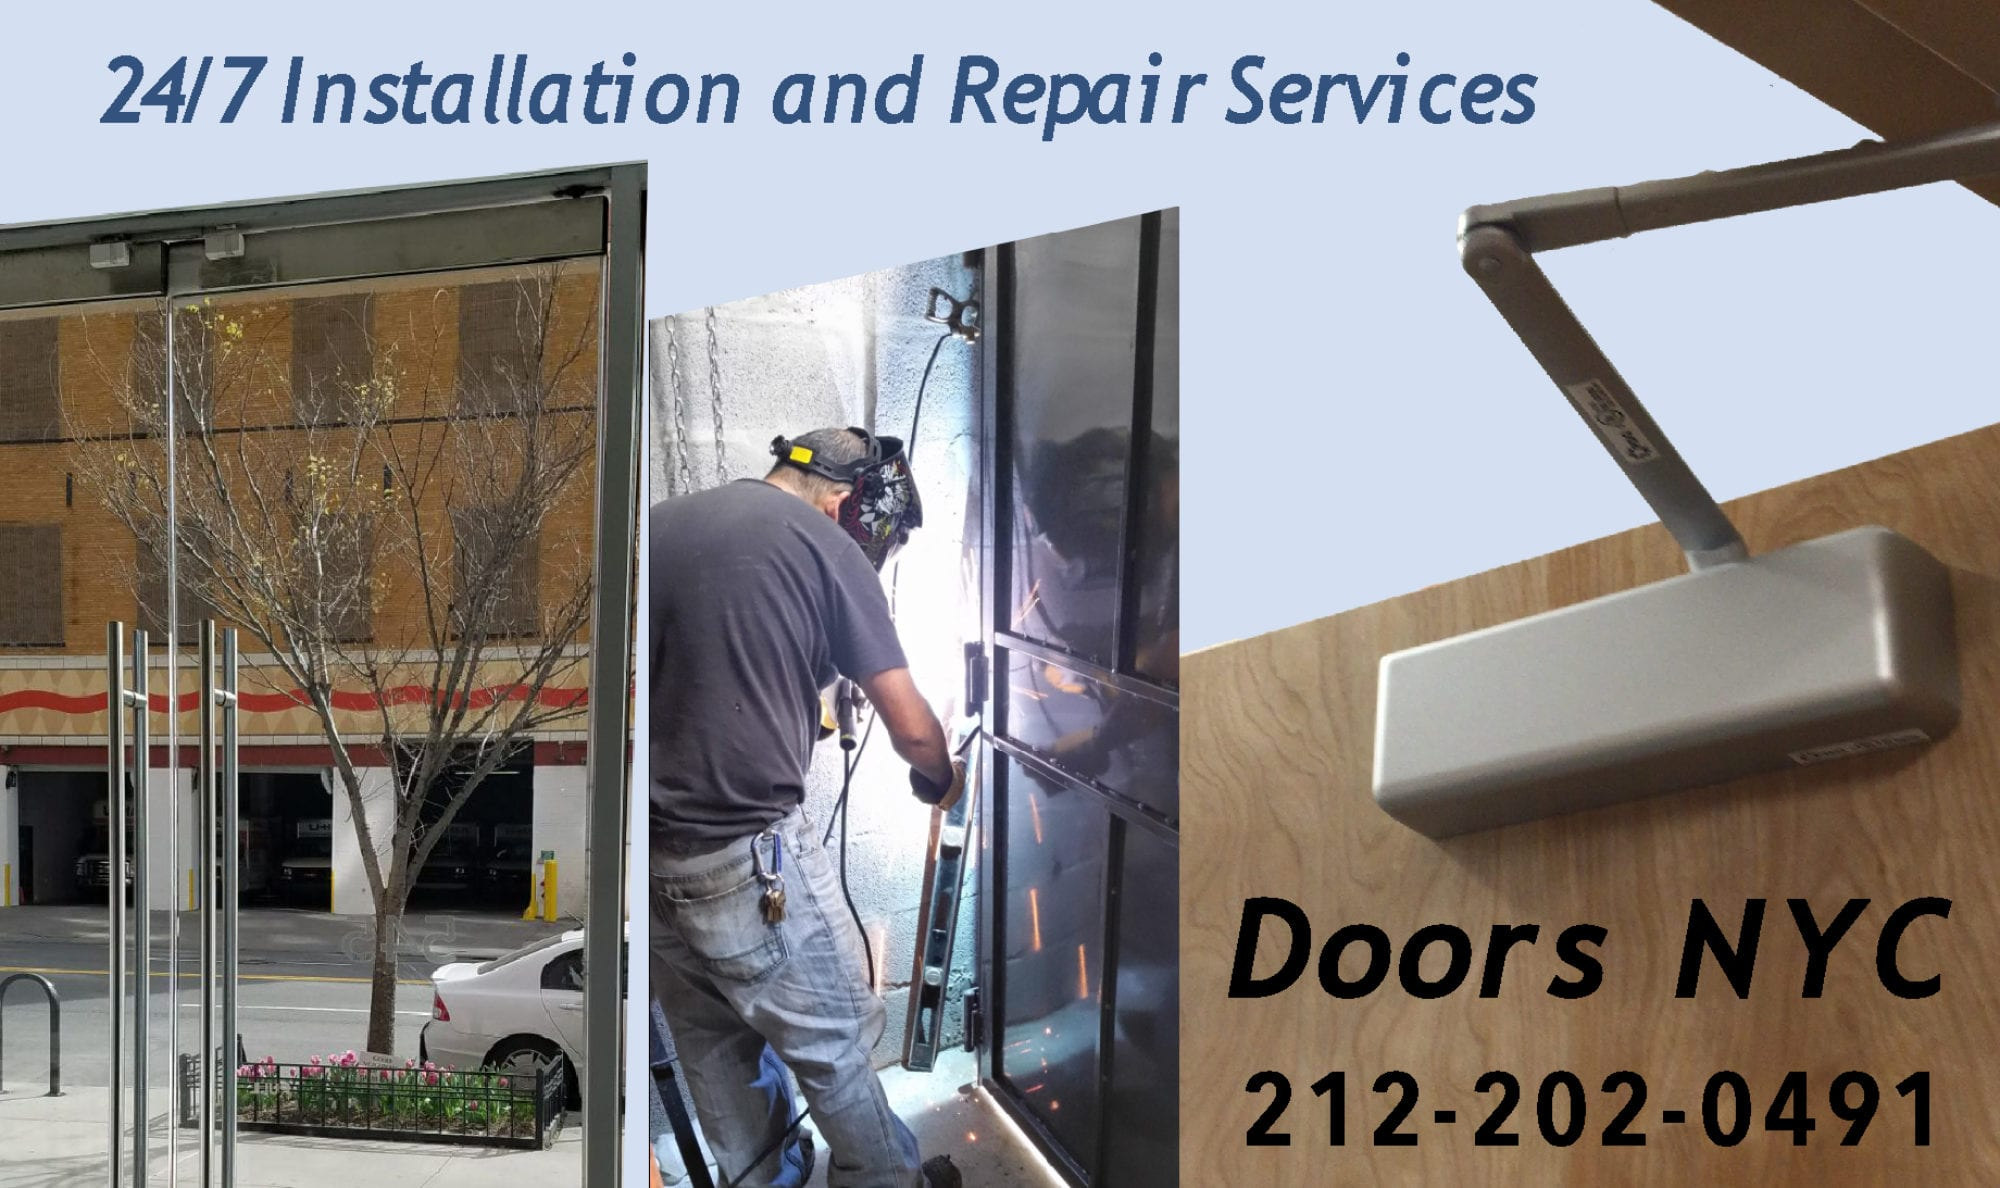 Commercial Doors NYC & Door Repair | NYC Doors and More